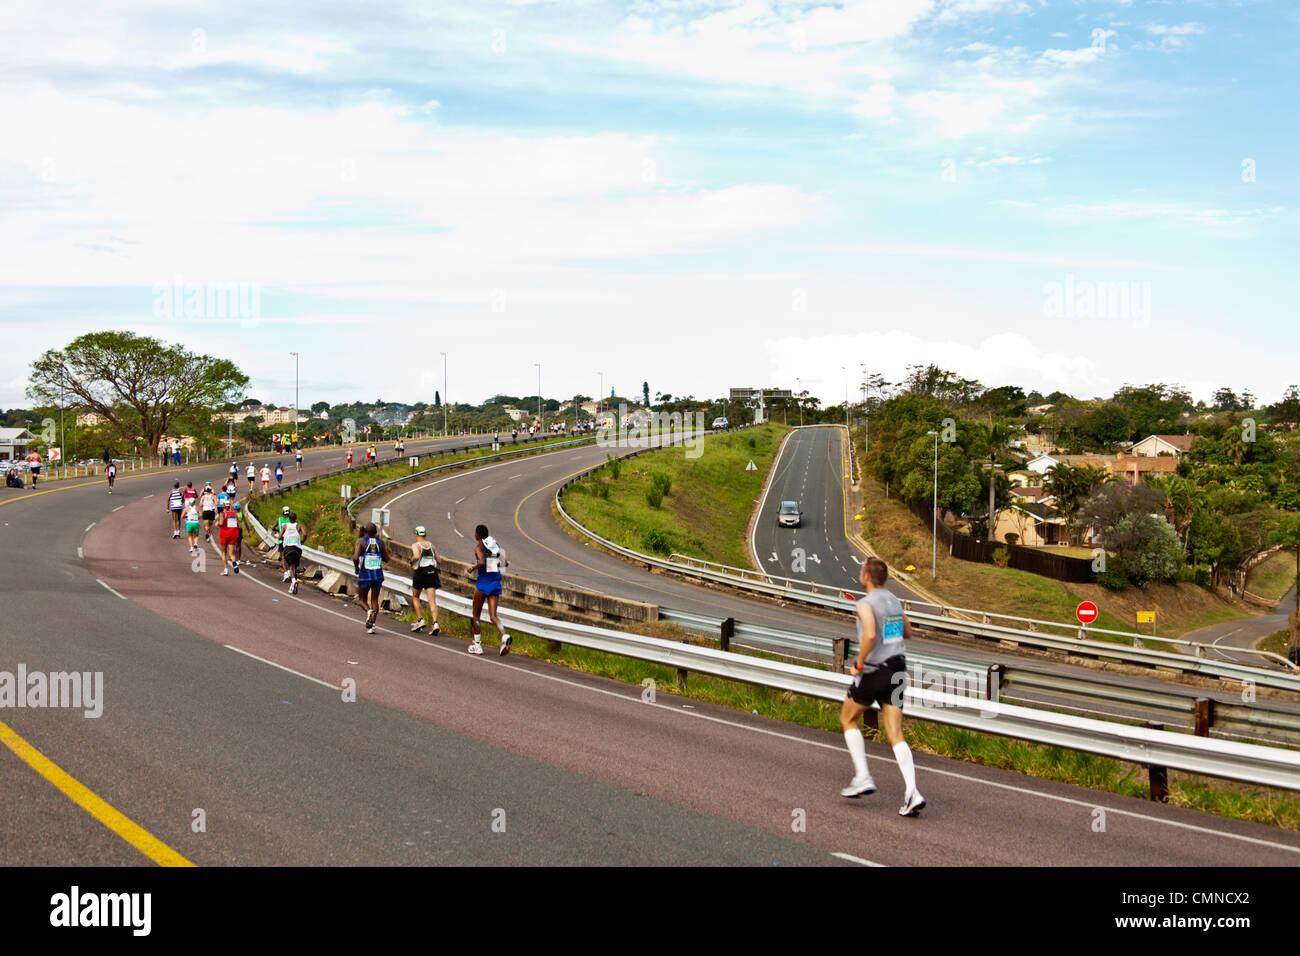 Les coureurs de marathon les camarades Photo Stock